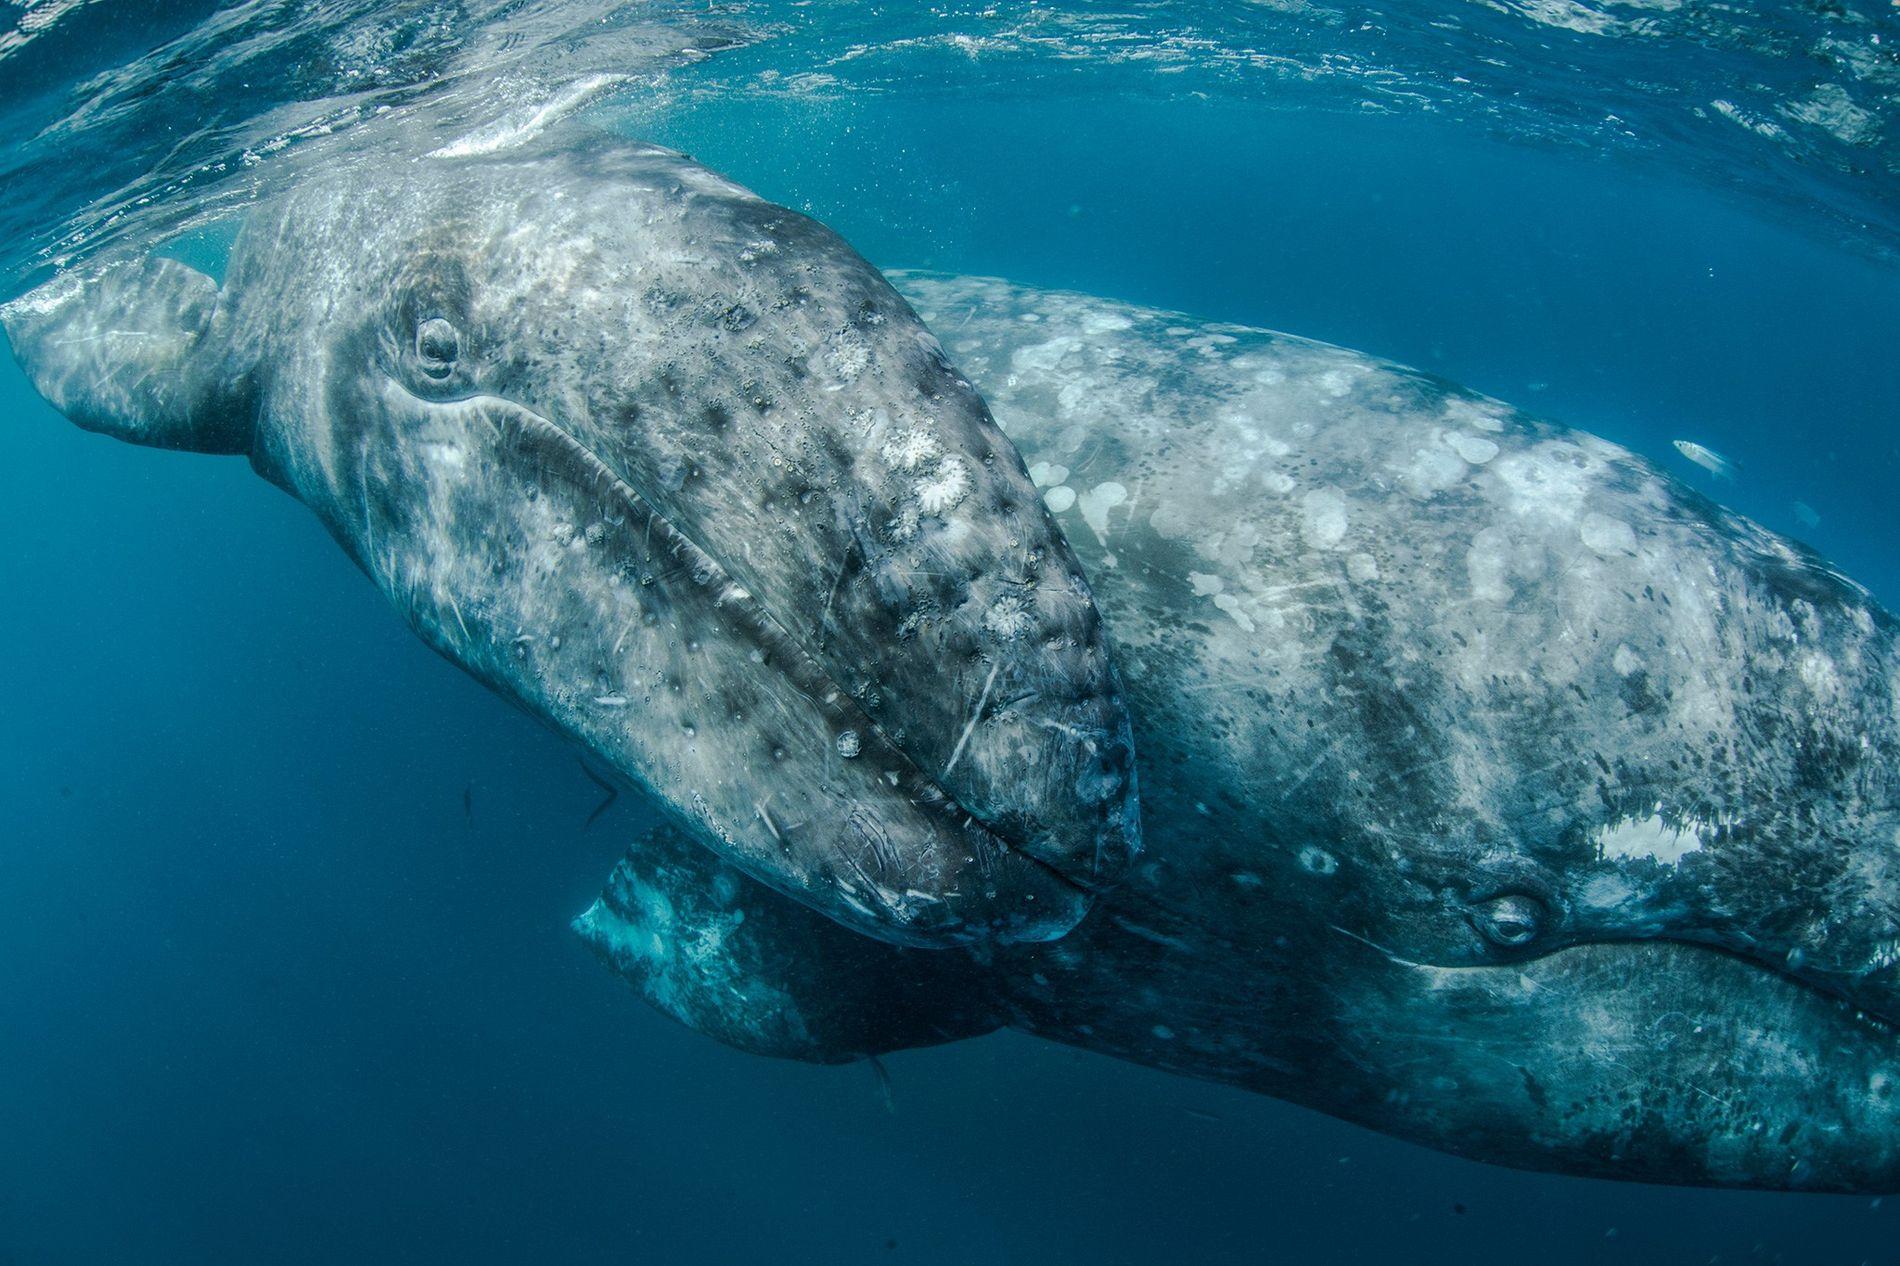 Grâce à des dizaines d'années de protection, les baleines grises, traditionnellement tuées pour leur viande, leur lard et leur huile, voient leur population augmenter.